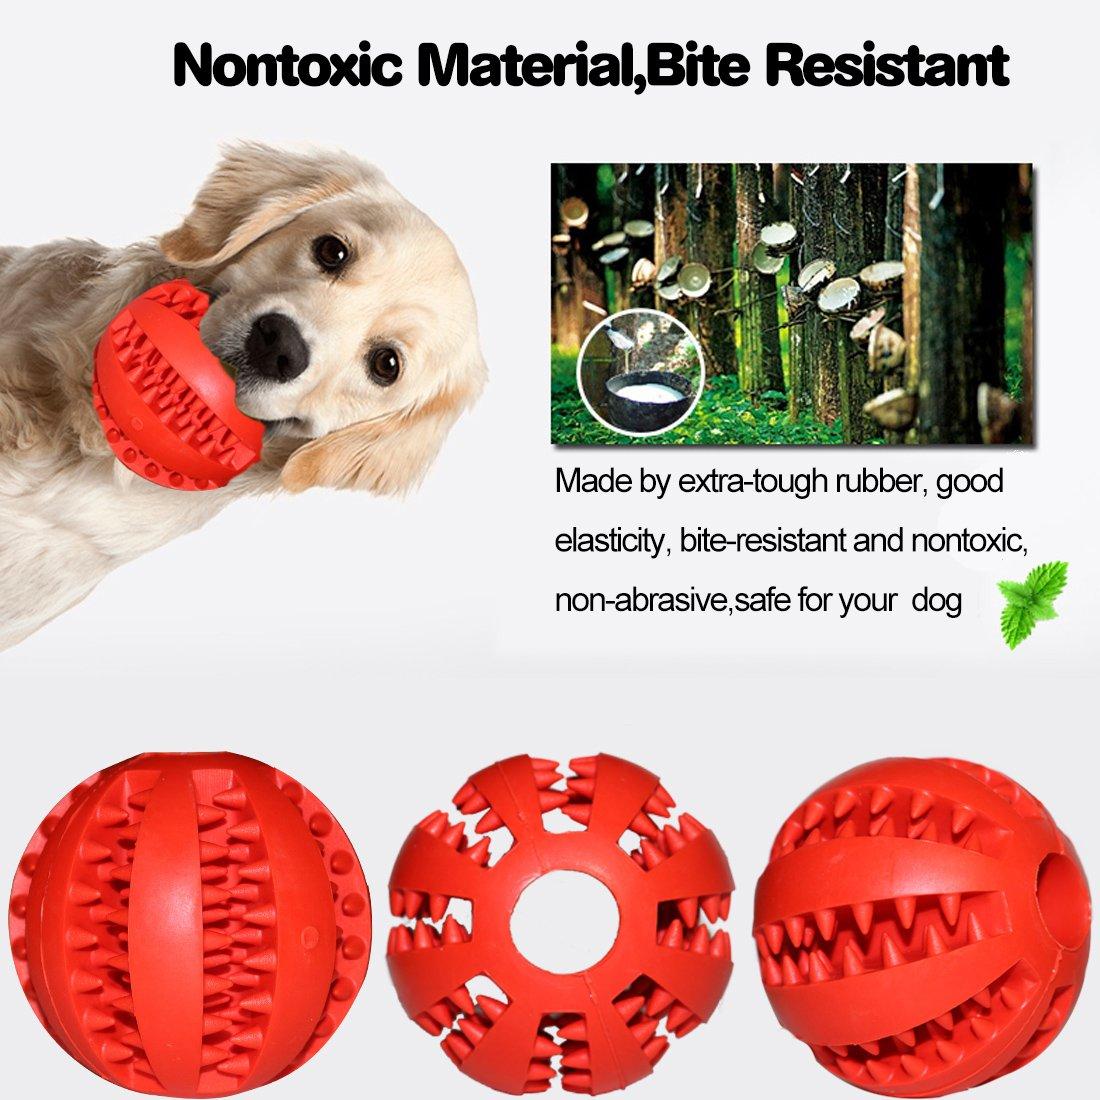 Non tossico Giocattolo morso Resistente Palla per Cani da Compagnia Cibo per Cani Trattare Alimentatore Dente Pulizia Palla Idepet Cane Giocattolo Palla